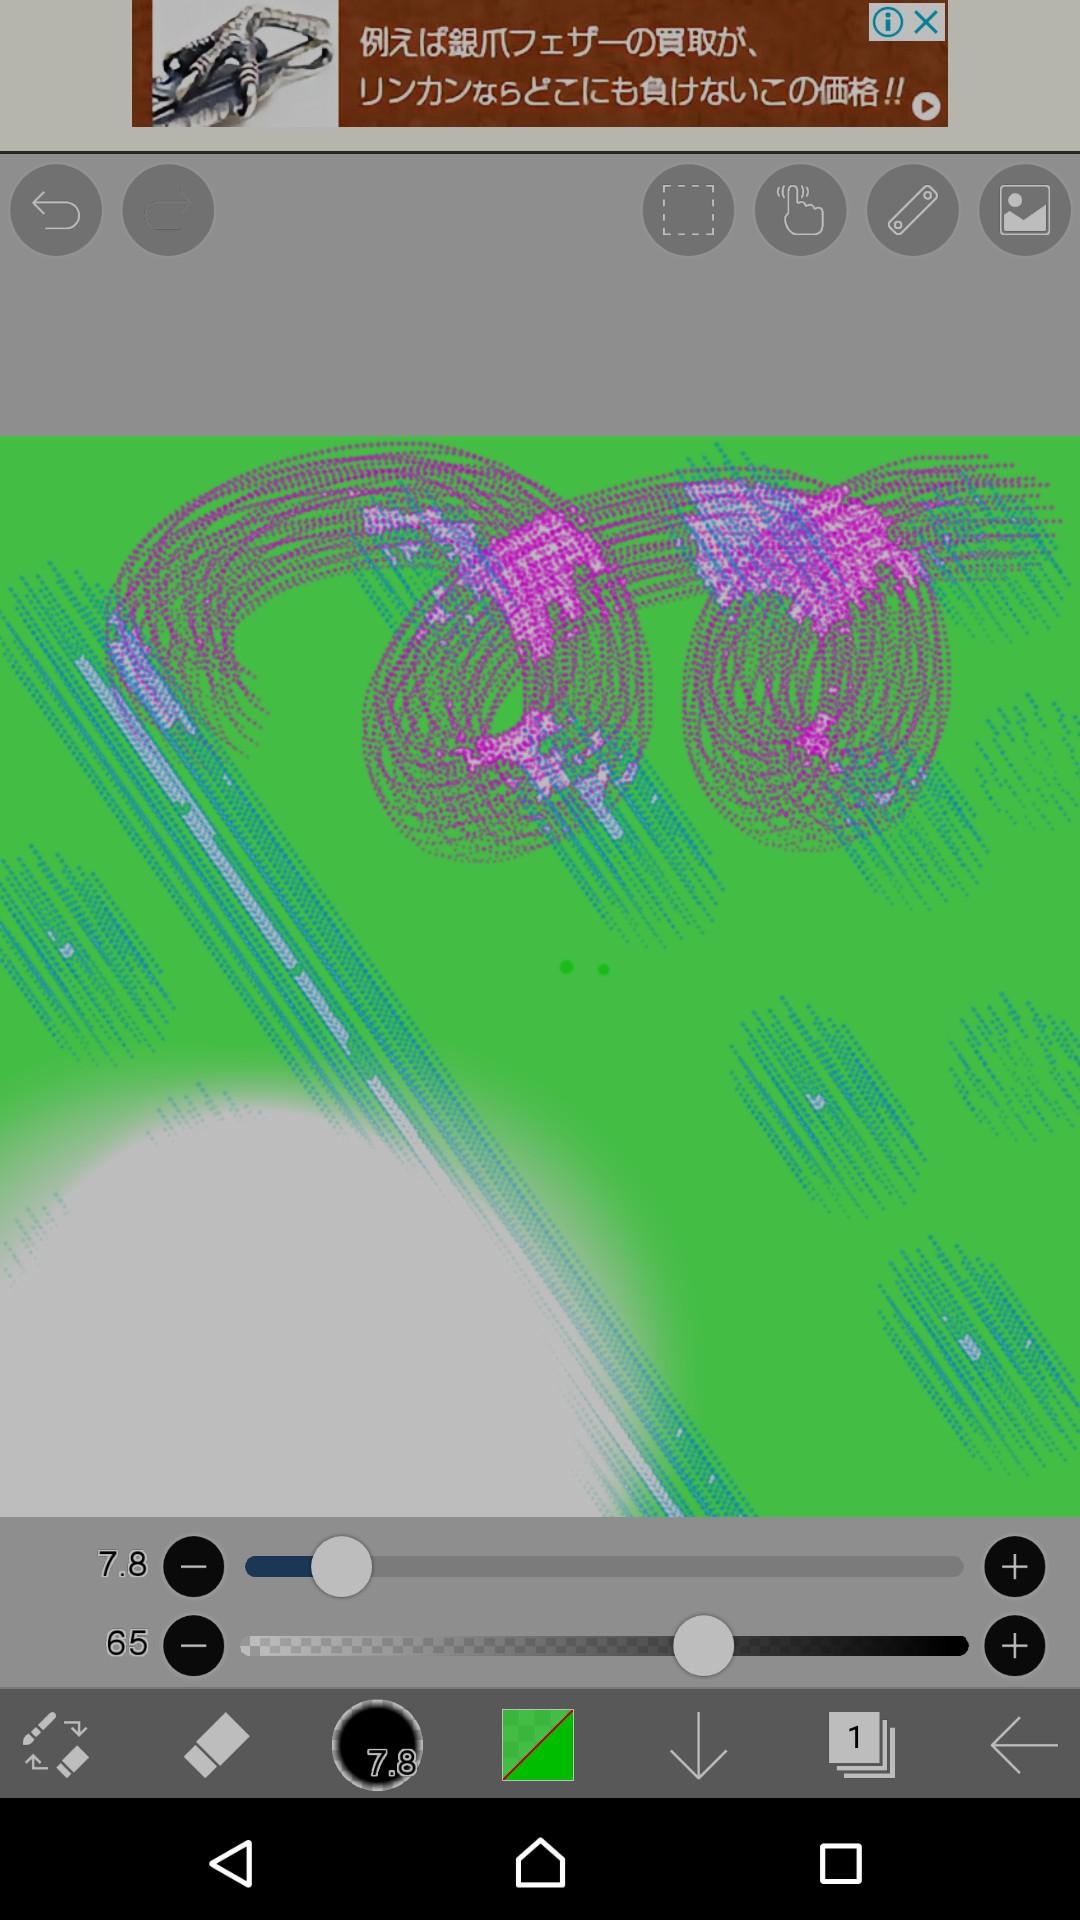 f:id:uuuta1122:20190113150115j:plain